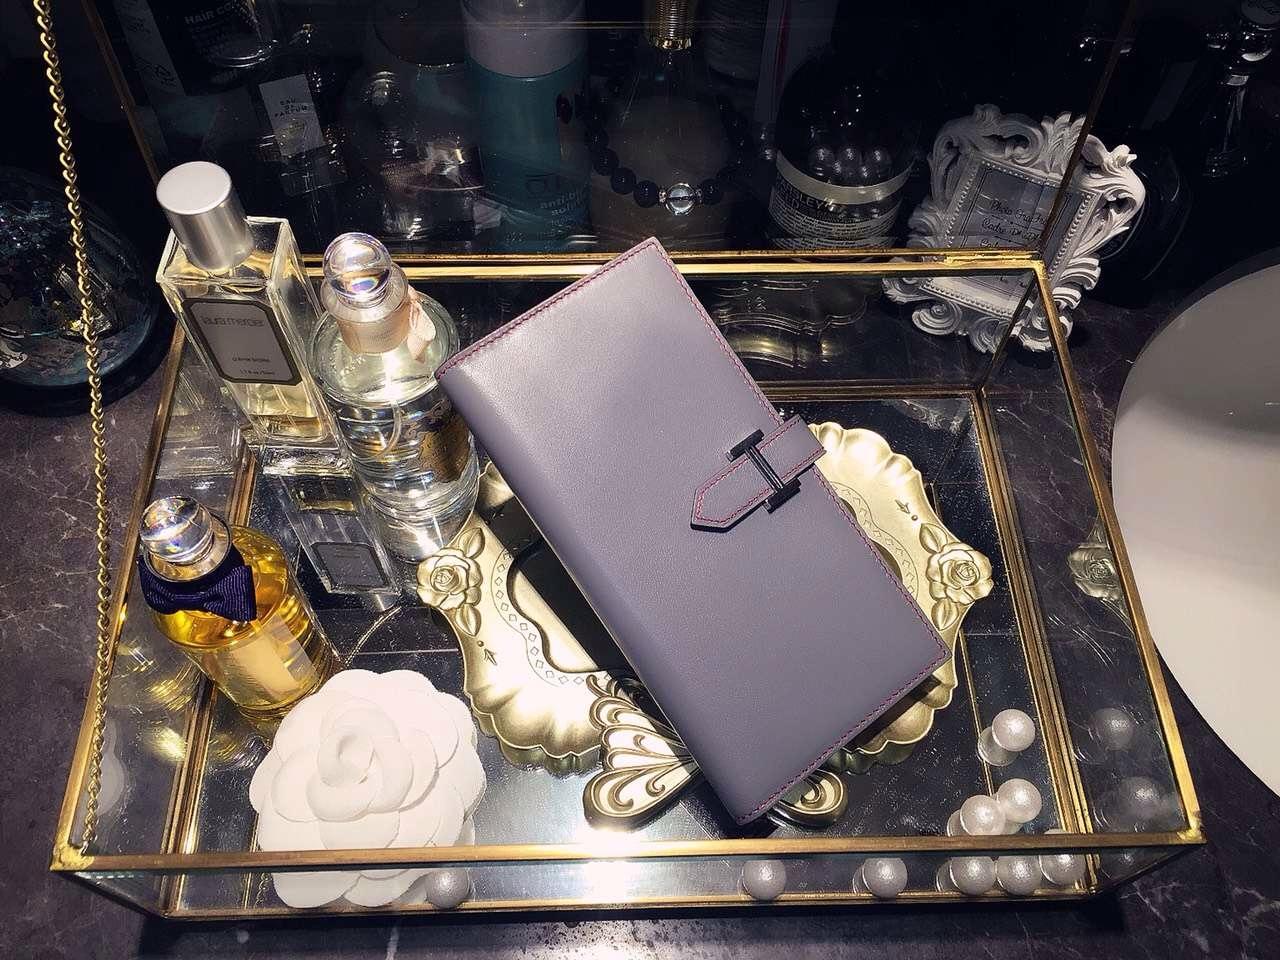 19CM Hermes Silk'in CK18 Etoupe Grey Swift Leather Women's Long Wallet Purse